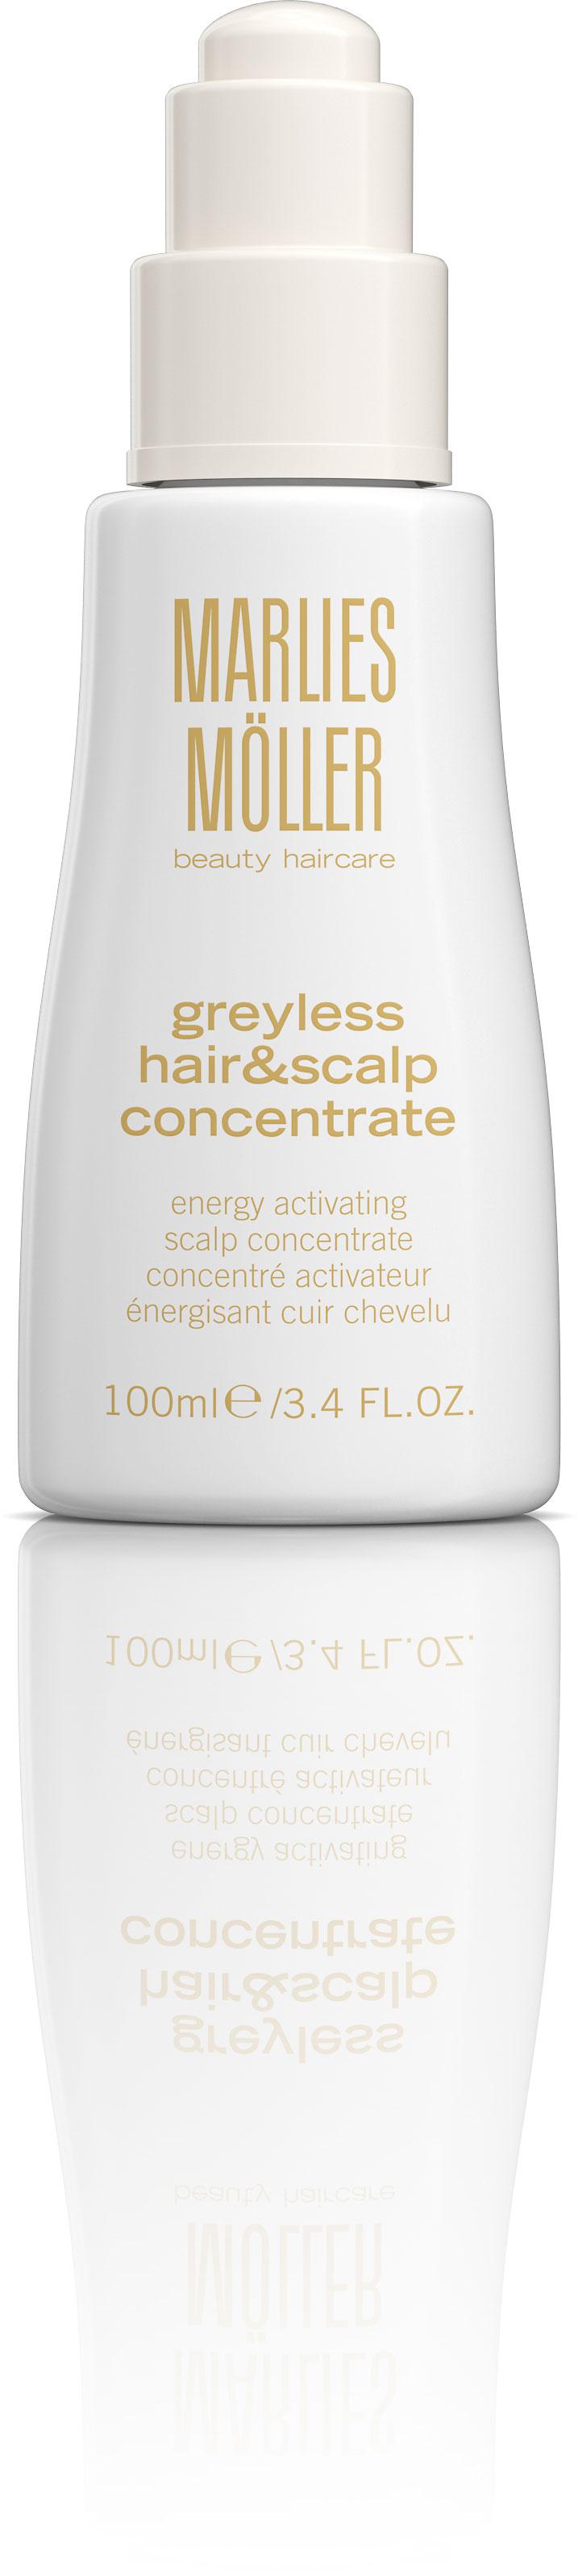 Marlies Möller Care Greyless Hair&Scalp Conc 100 ml